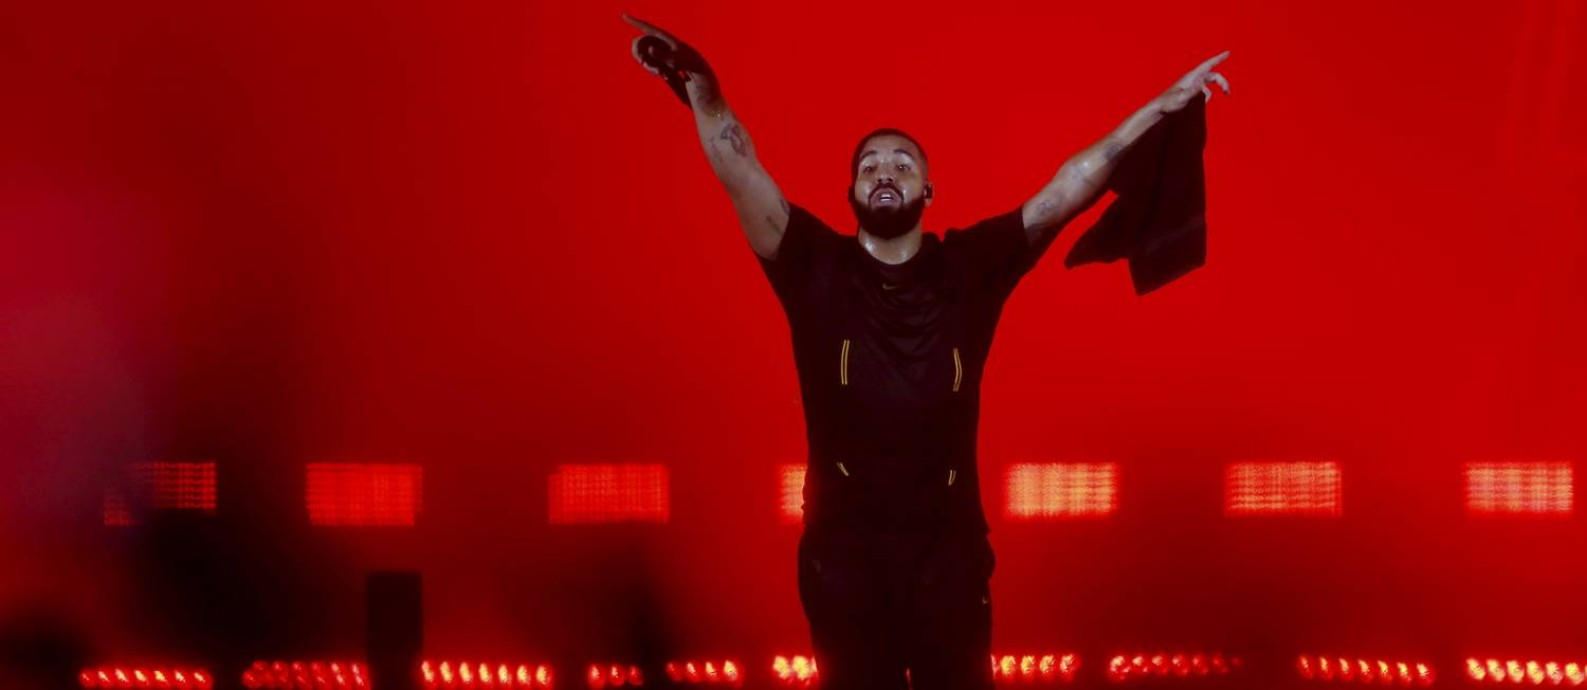 O rapper canadense Drake, em show no Rock in Rio, em setembro Foto: Marcelo Theobald / Agência O Globo